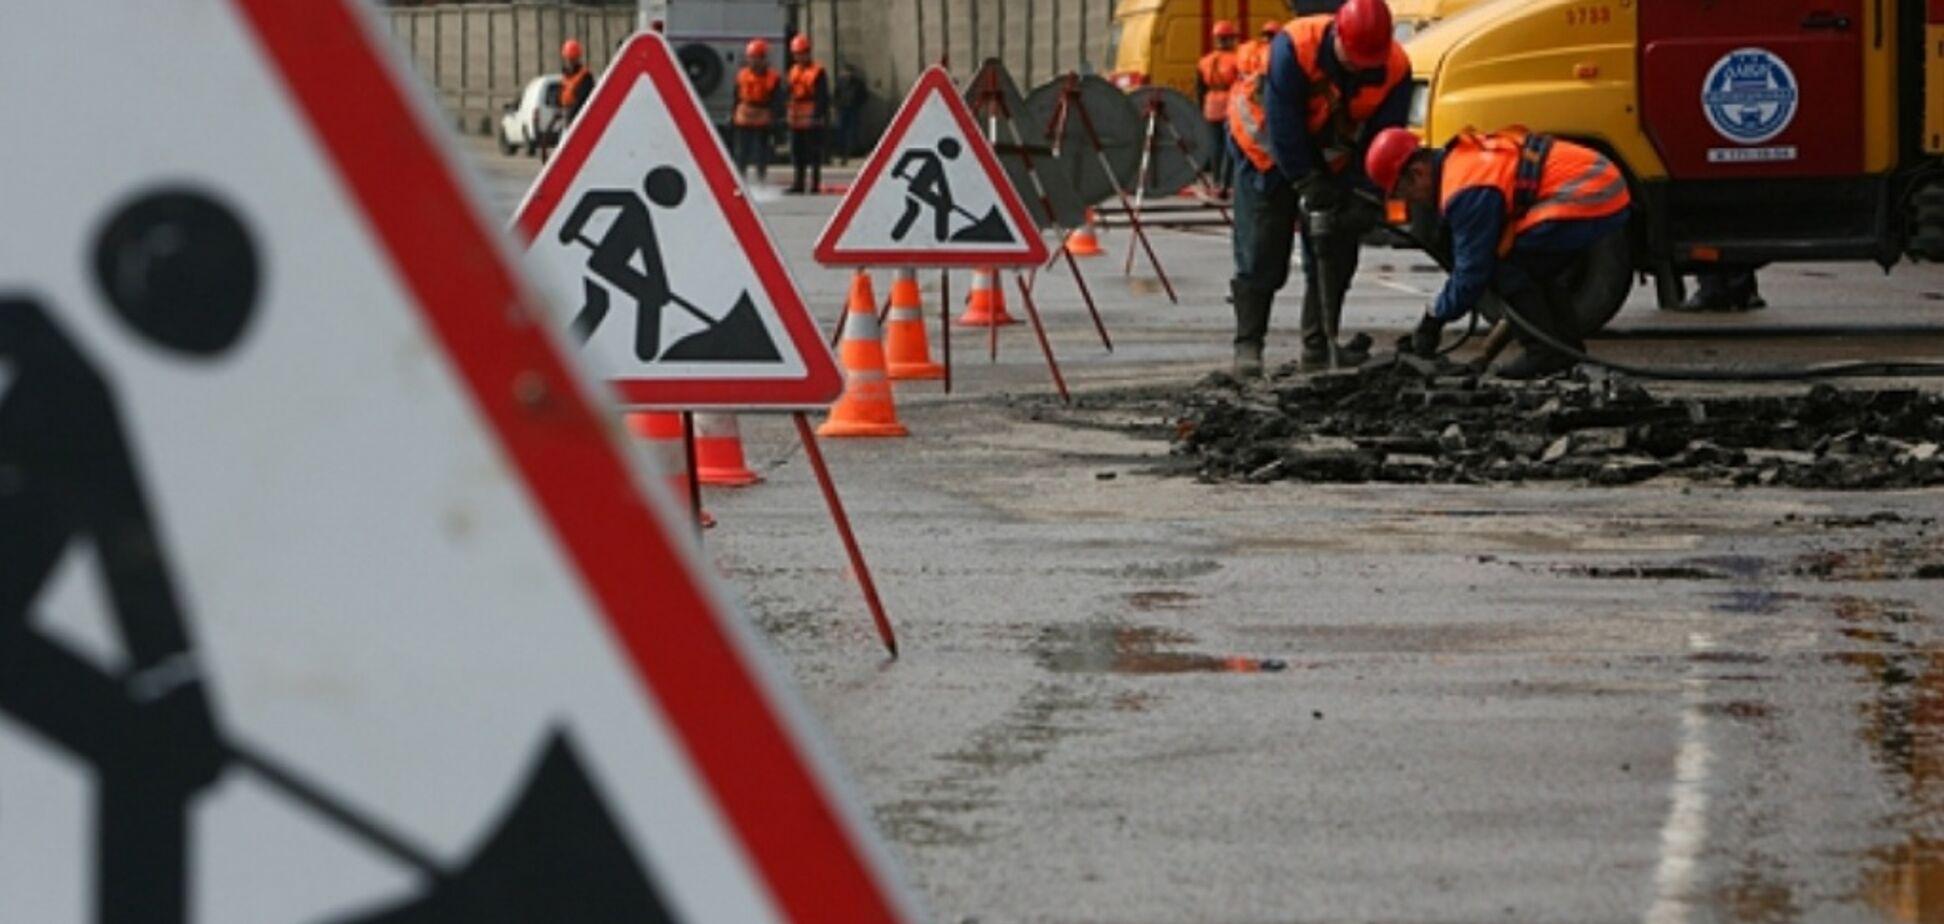 Ремонт дорог: украинцам пообещали кардинальные улучшения в ближайшее время